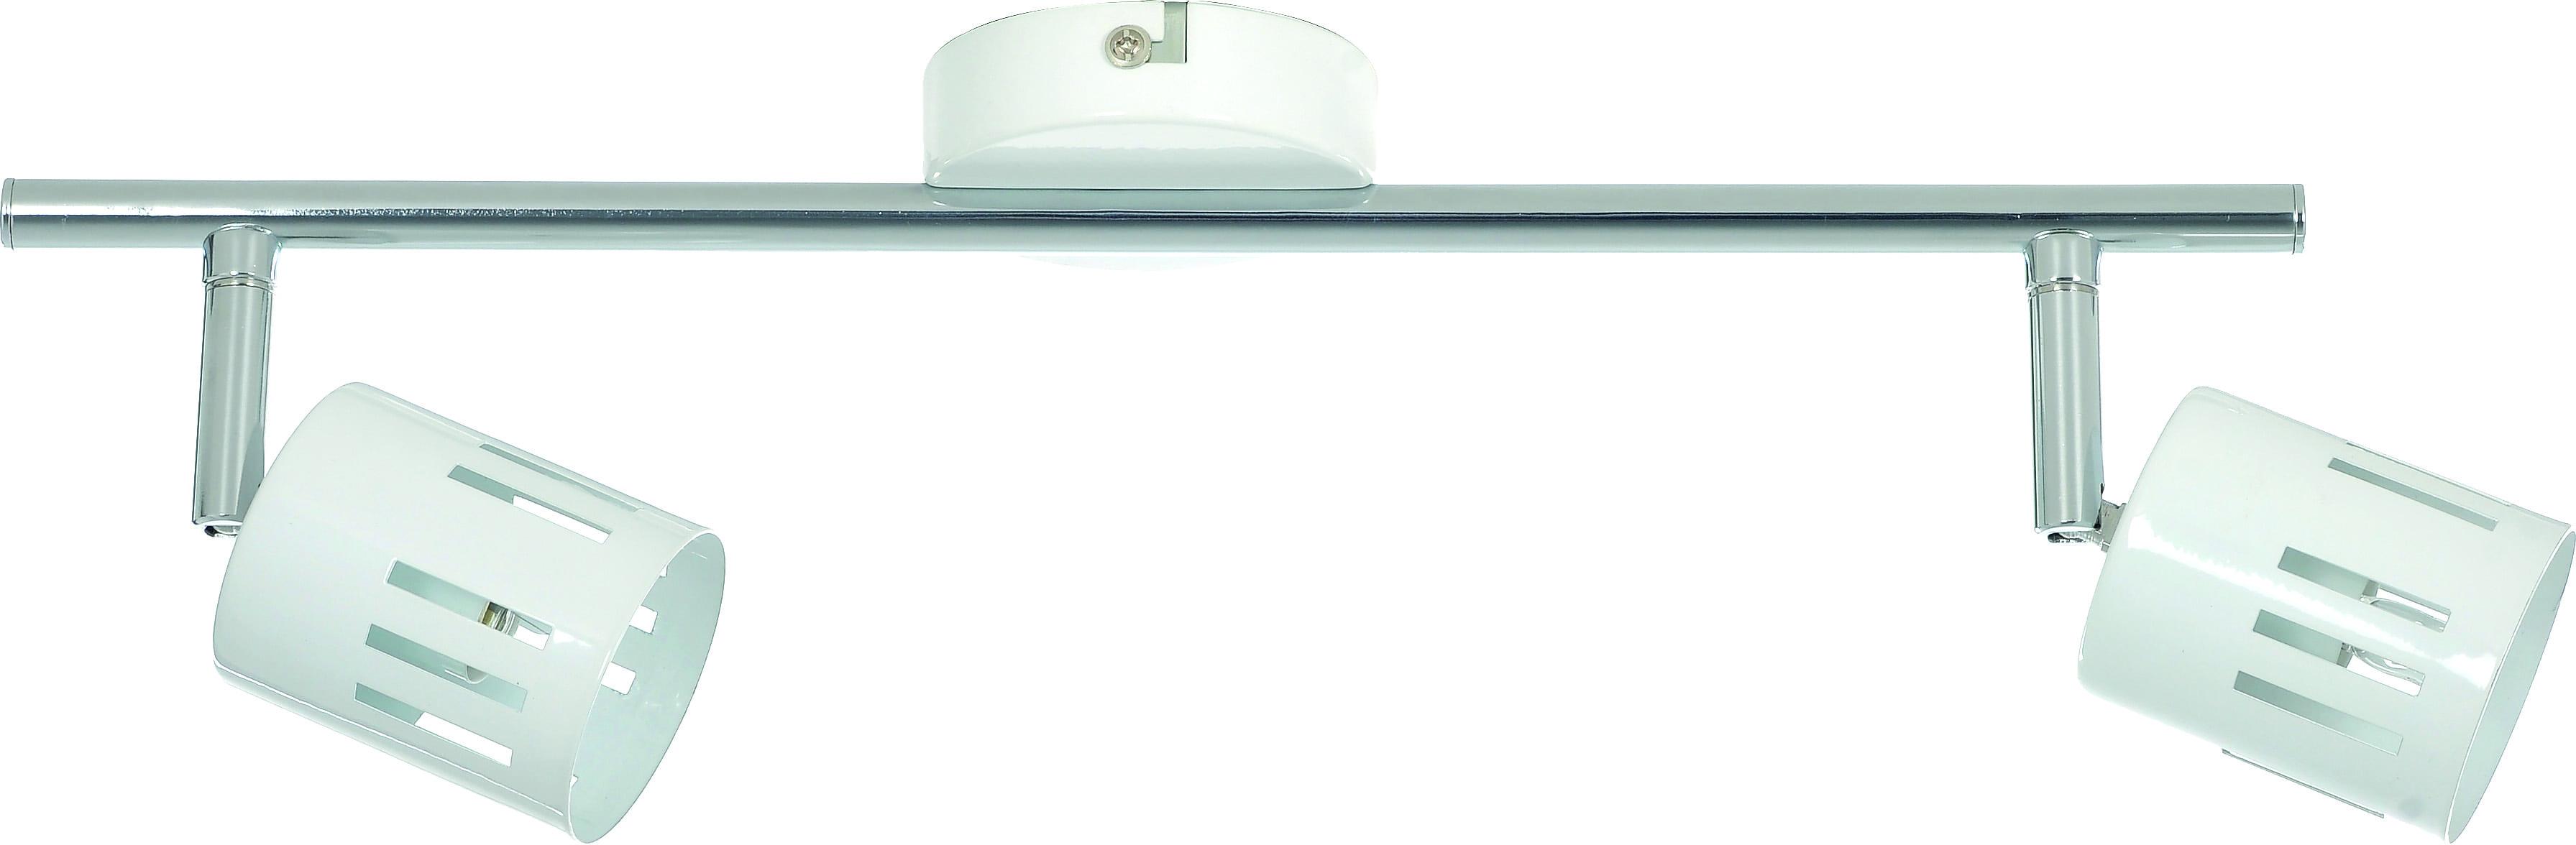 Reflektorki Two-point strip Ulrika biały / chrom G9 28W